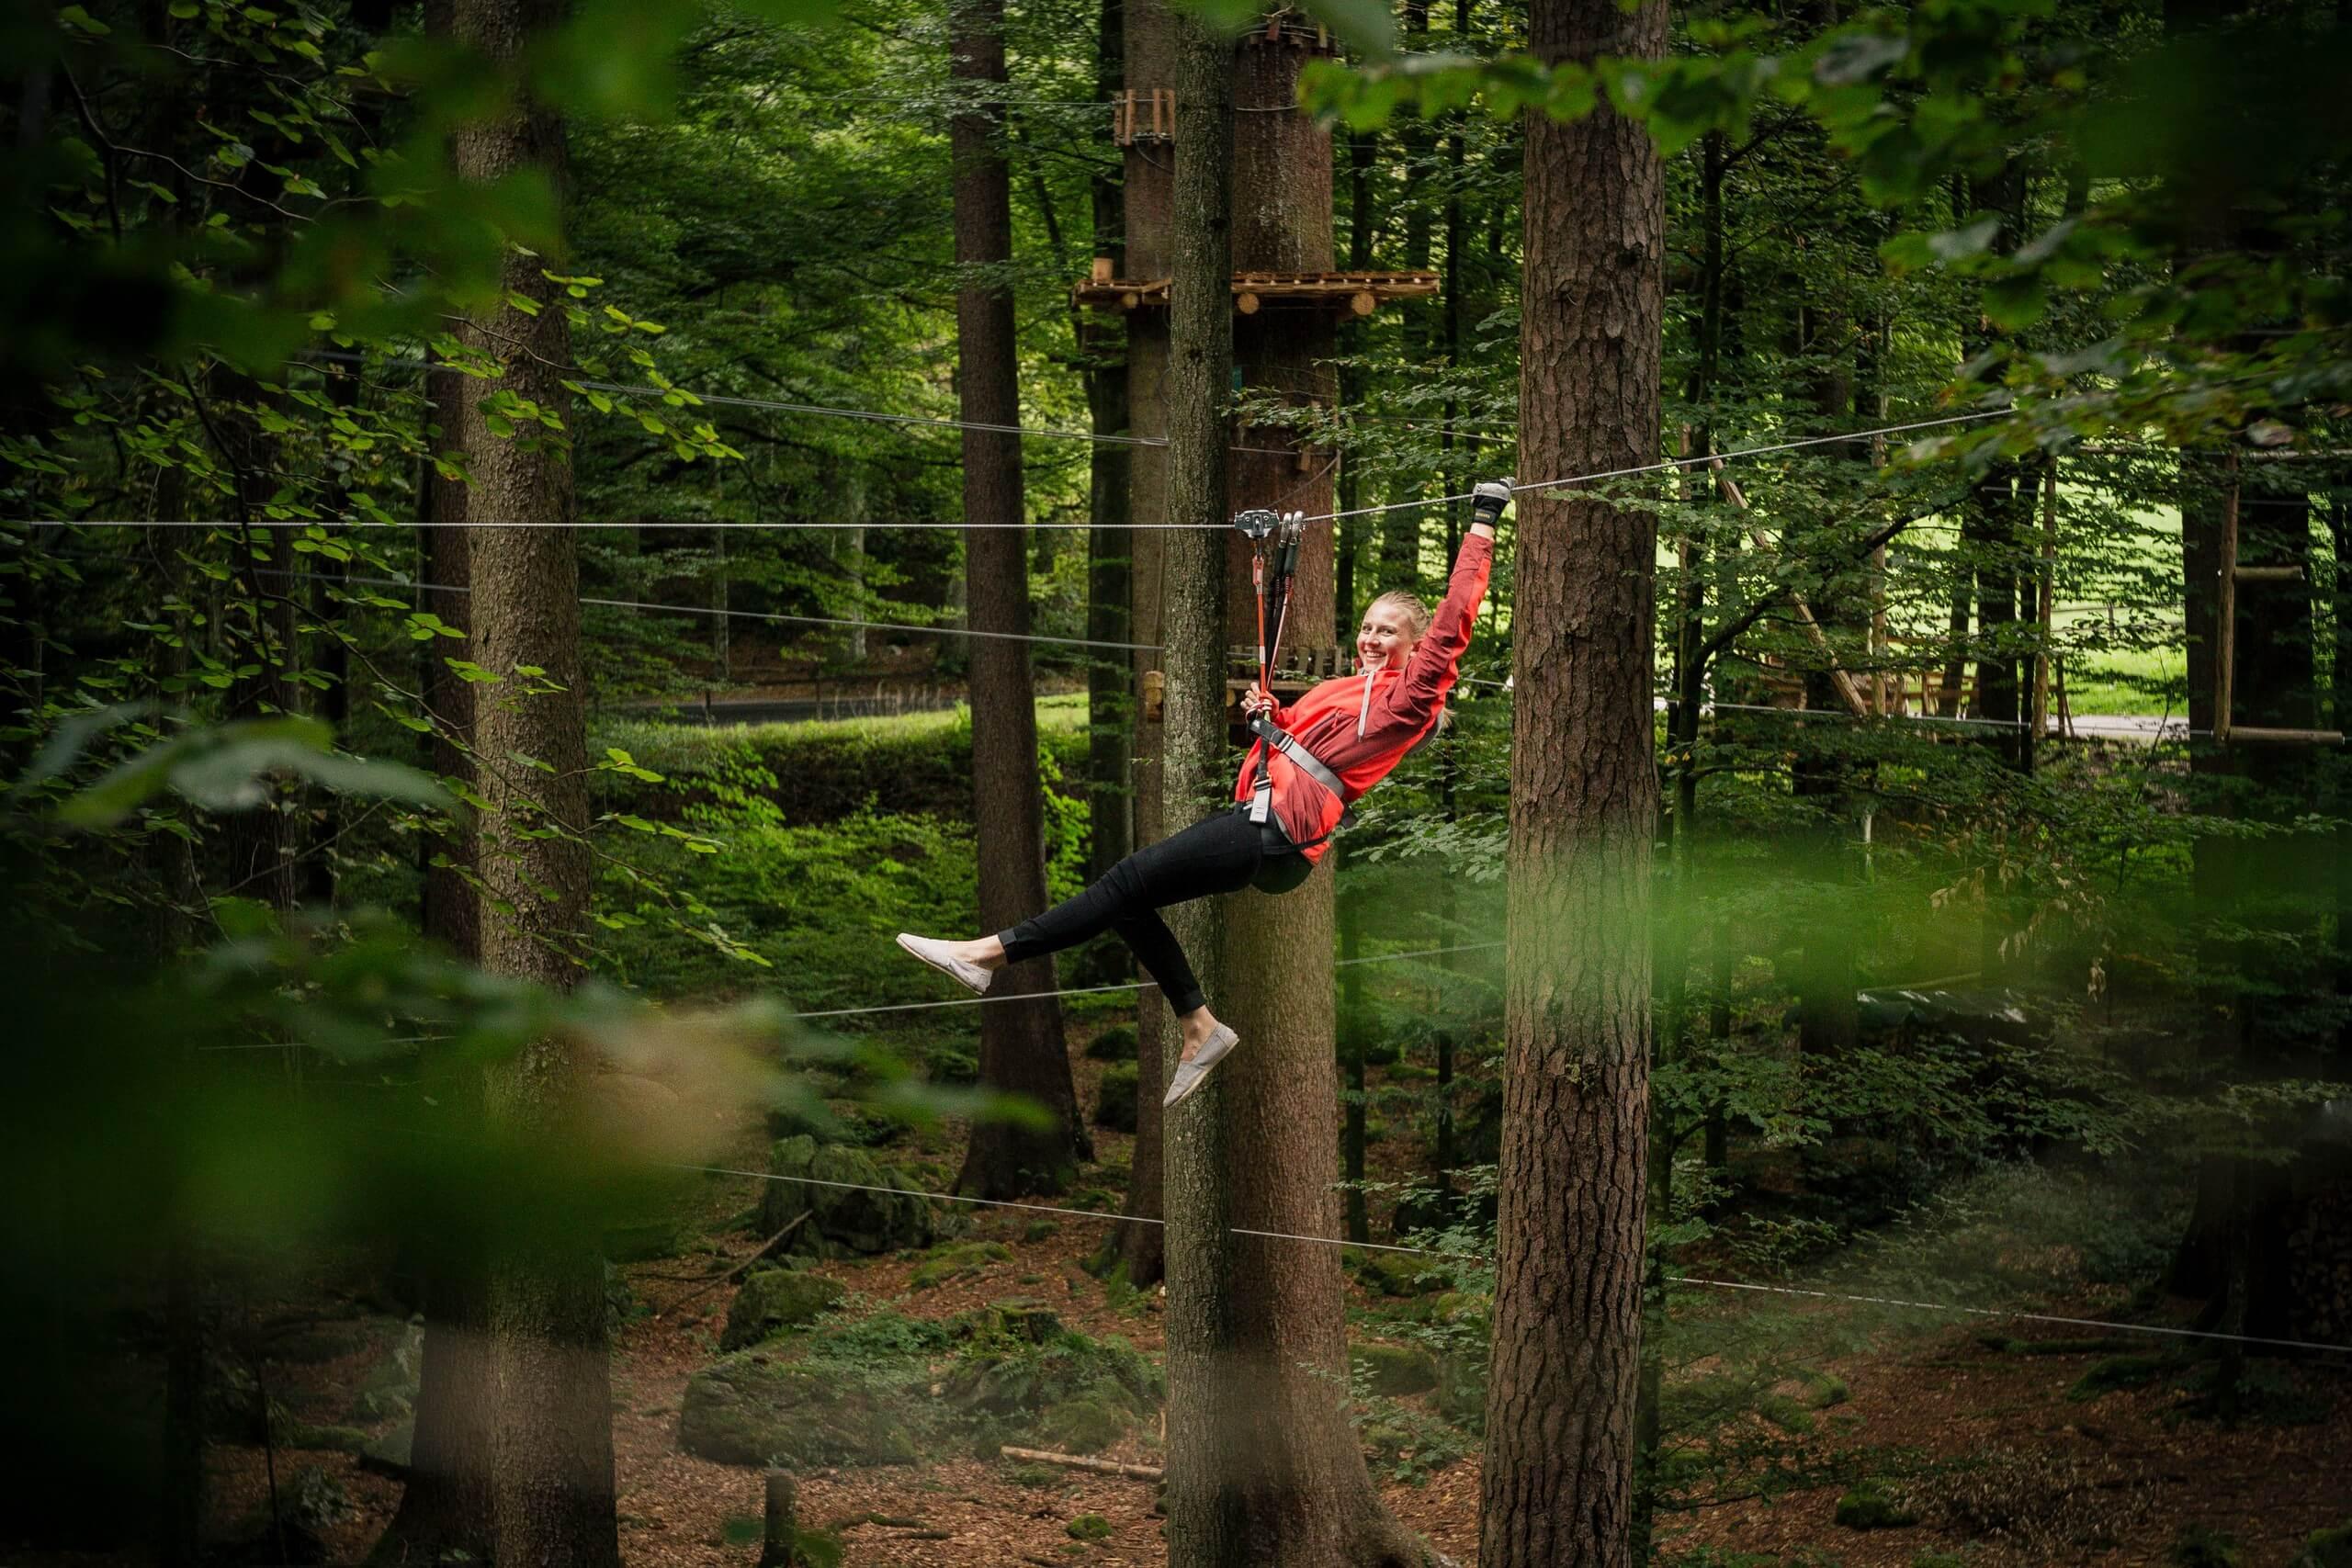 interlaken-seilpark-zipline-maedchen-wald-soft-adventure